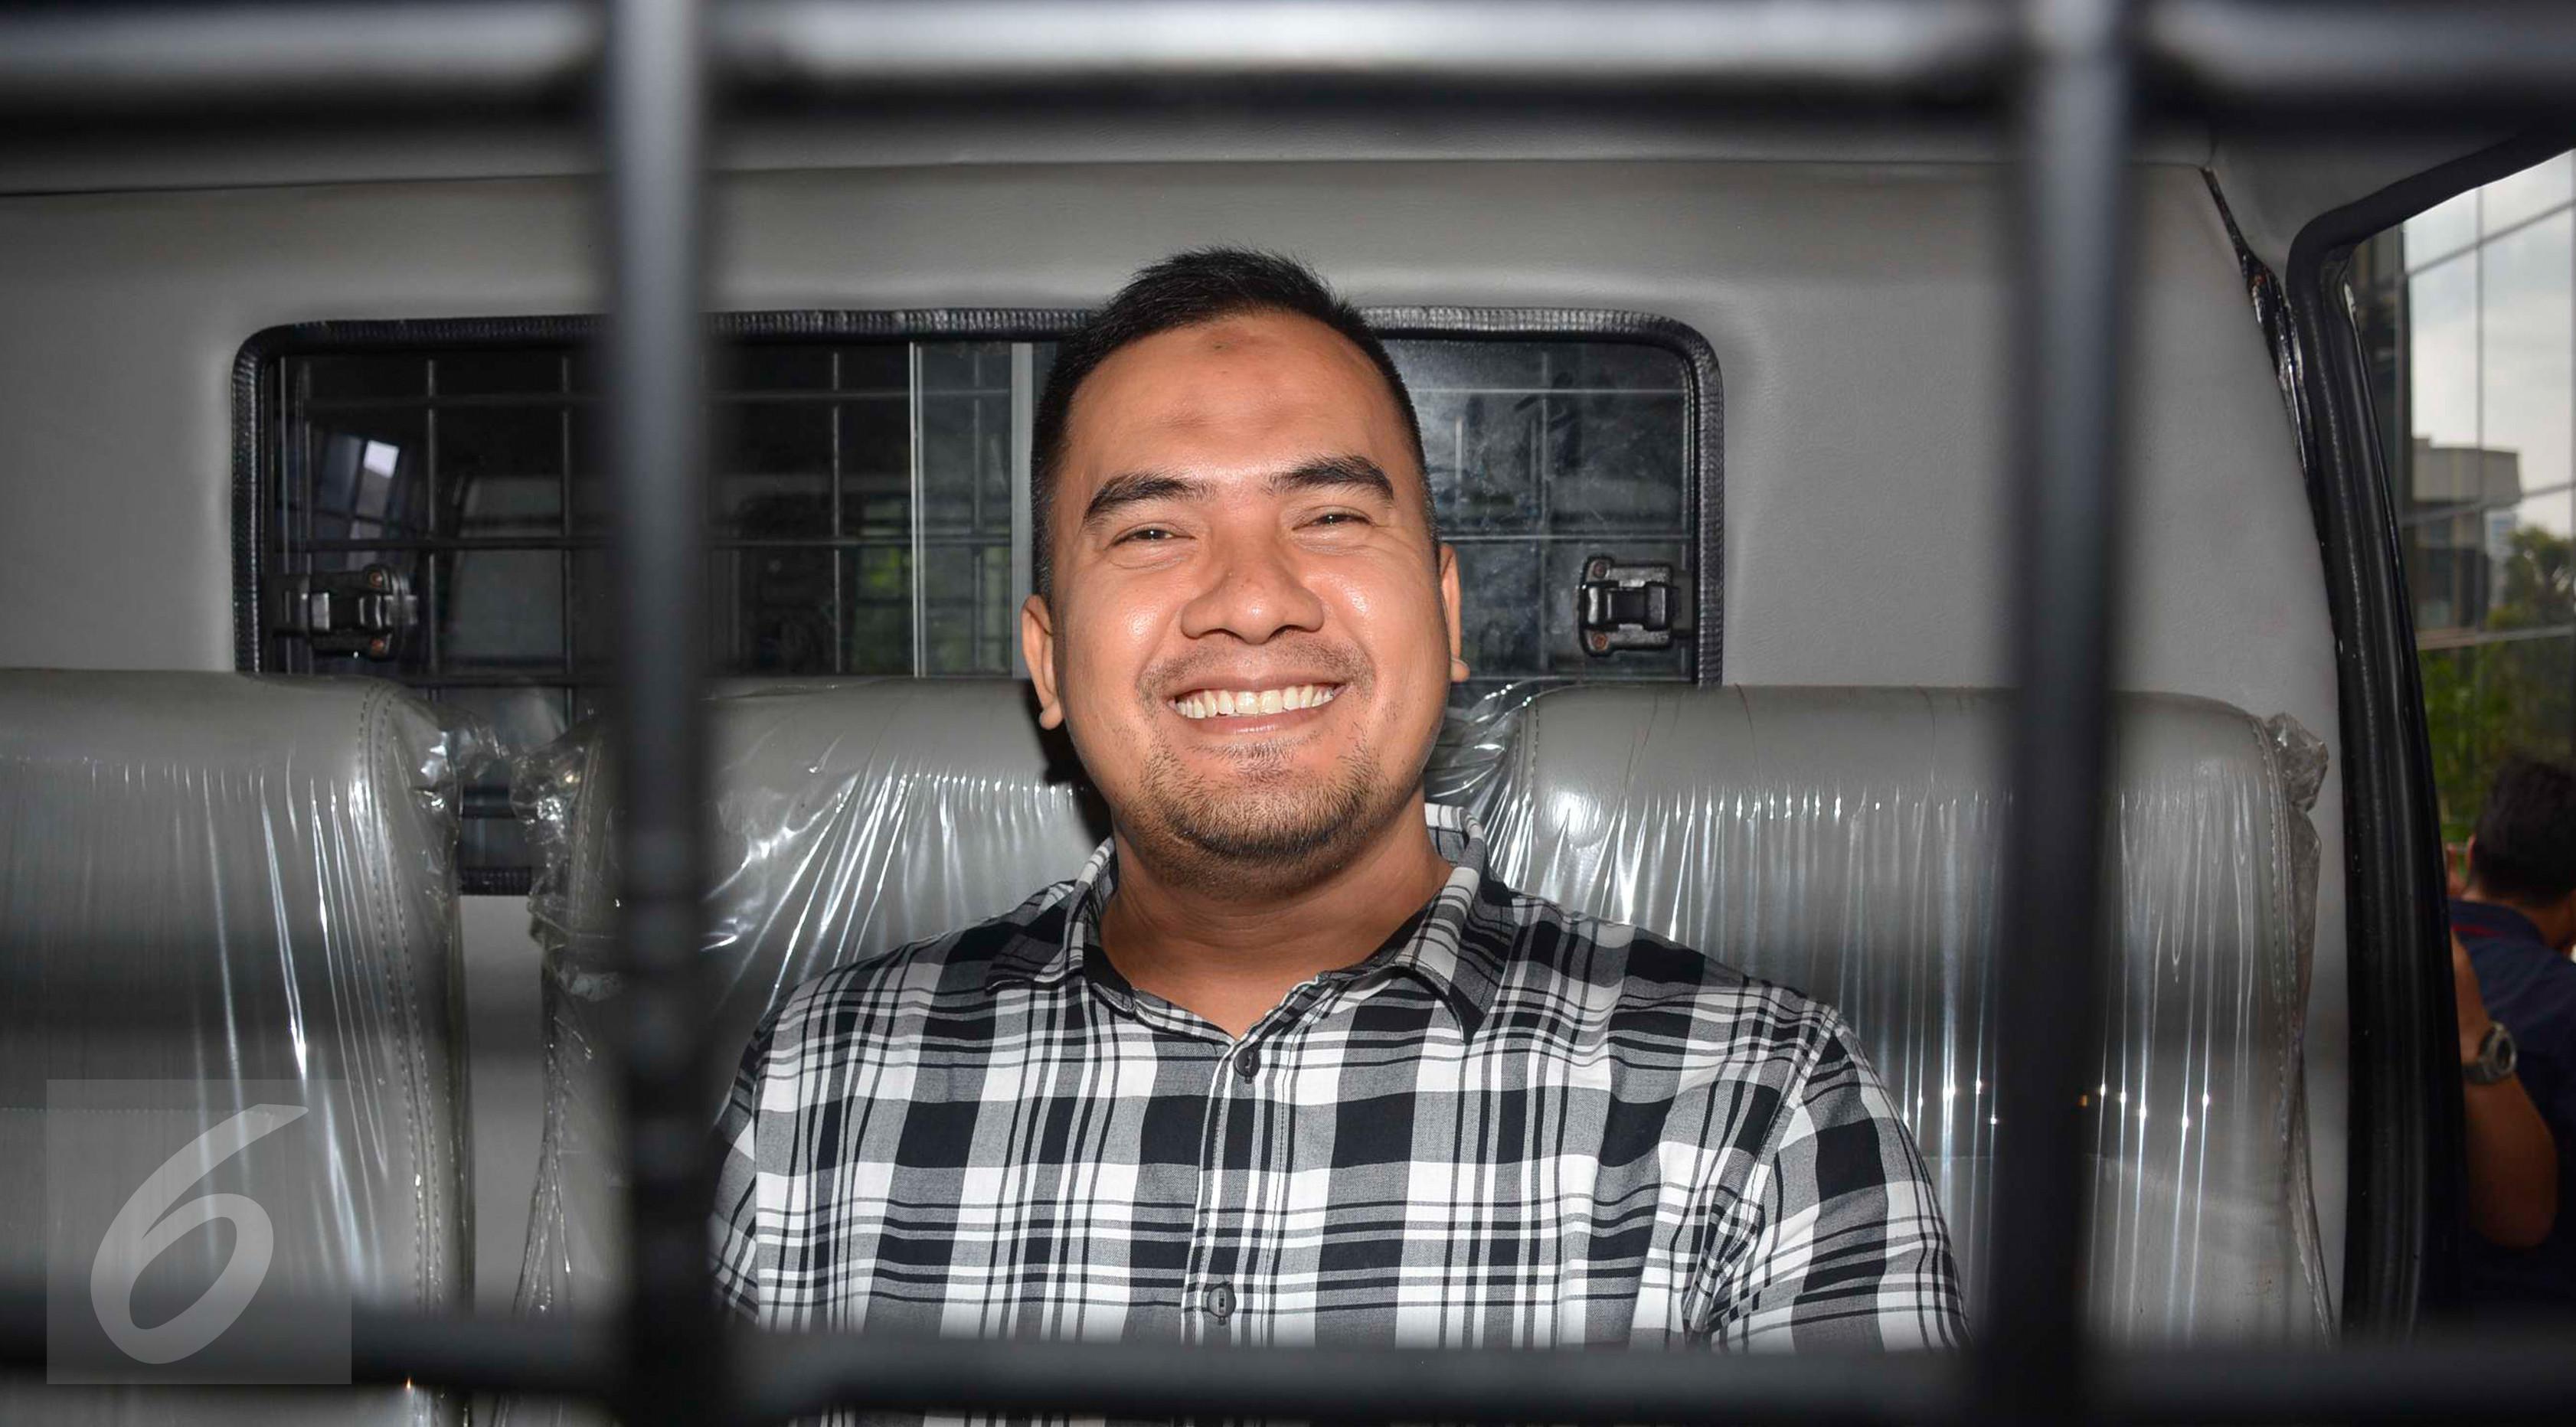 Saipul Jamil usai menjalani pemeriksaan di Gedung KPK, Jakarta, Jumat (7/4). Saipul menyatakan siap menghadapi persidangan. Ia meminta kepada penggemarnya untuk bersabar. (Liputan6.com/Helmi Afandi)